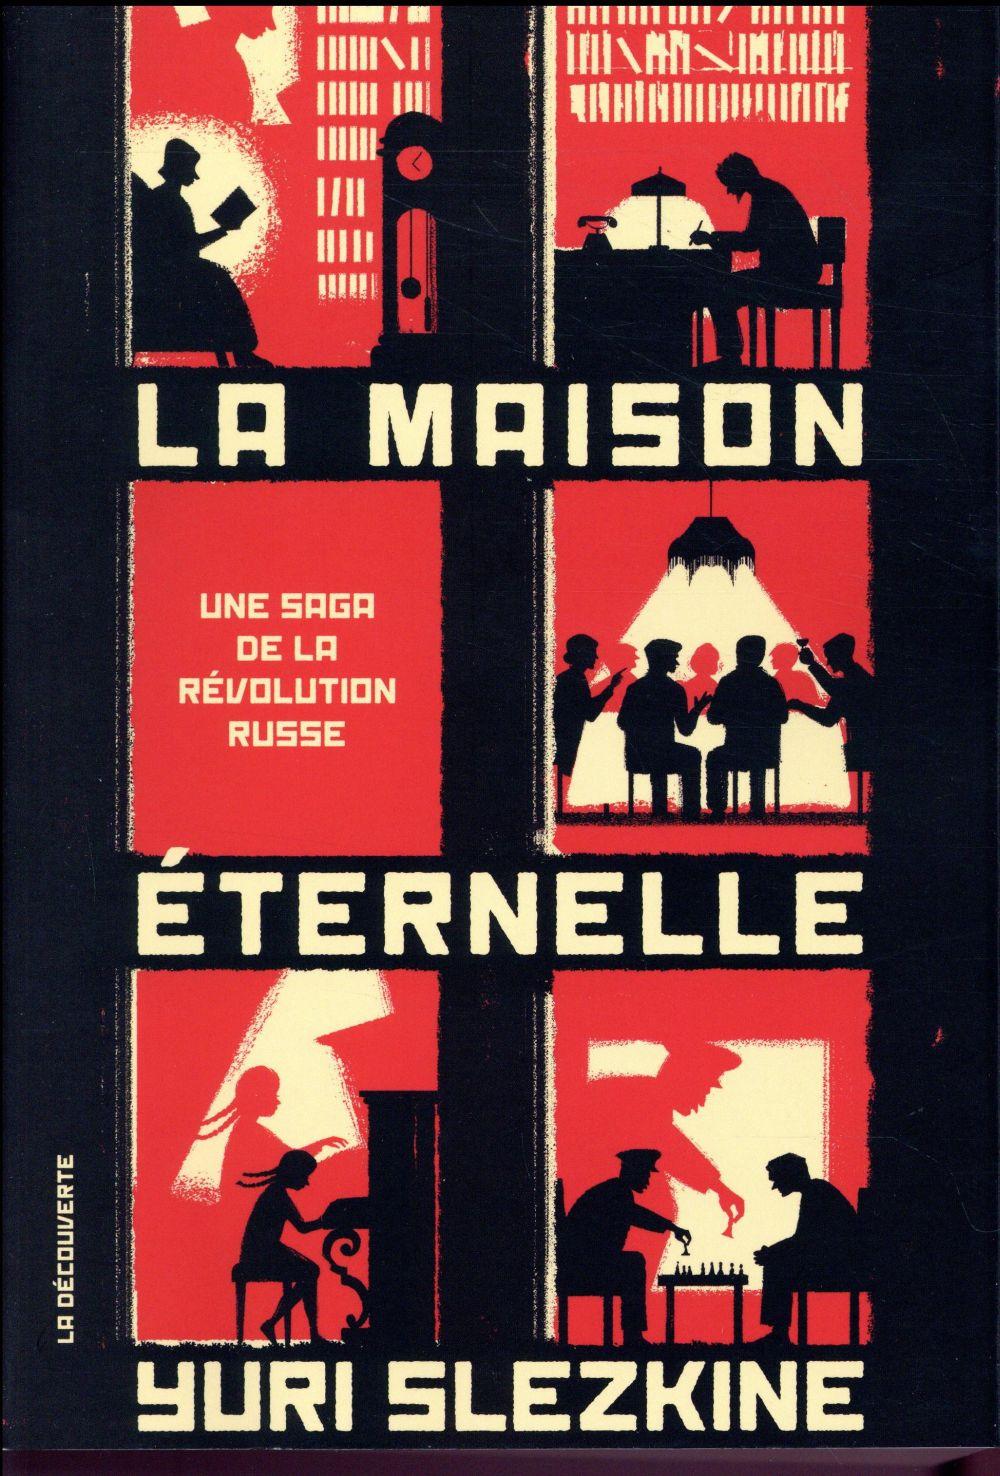 LA MAISON ETERNELLE